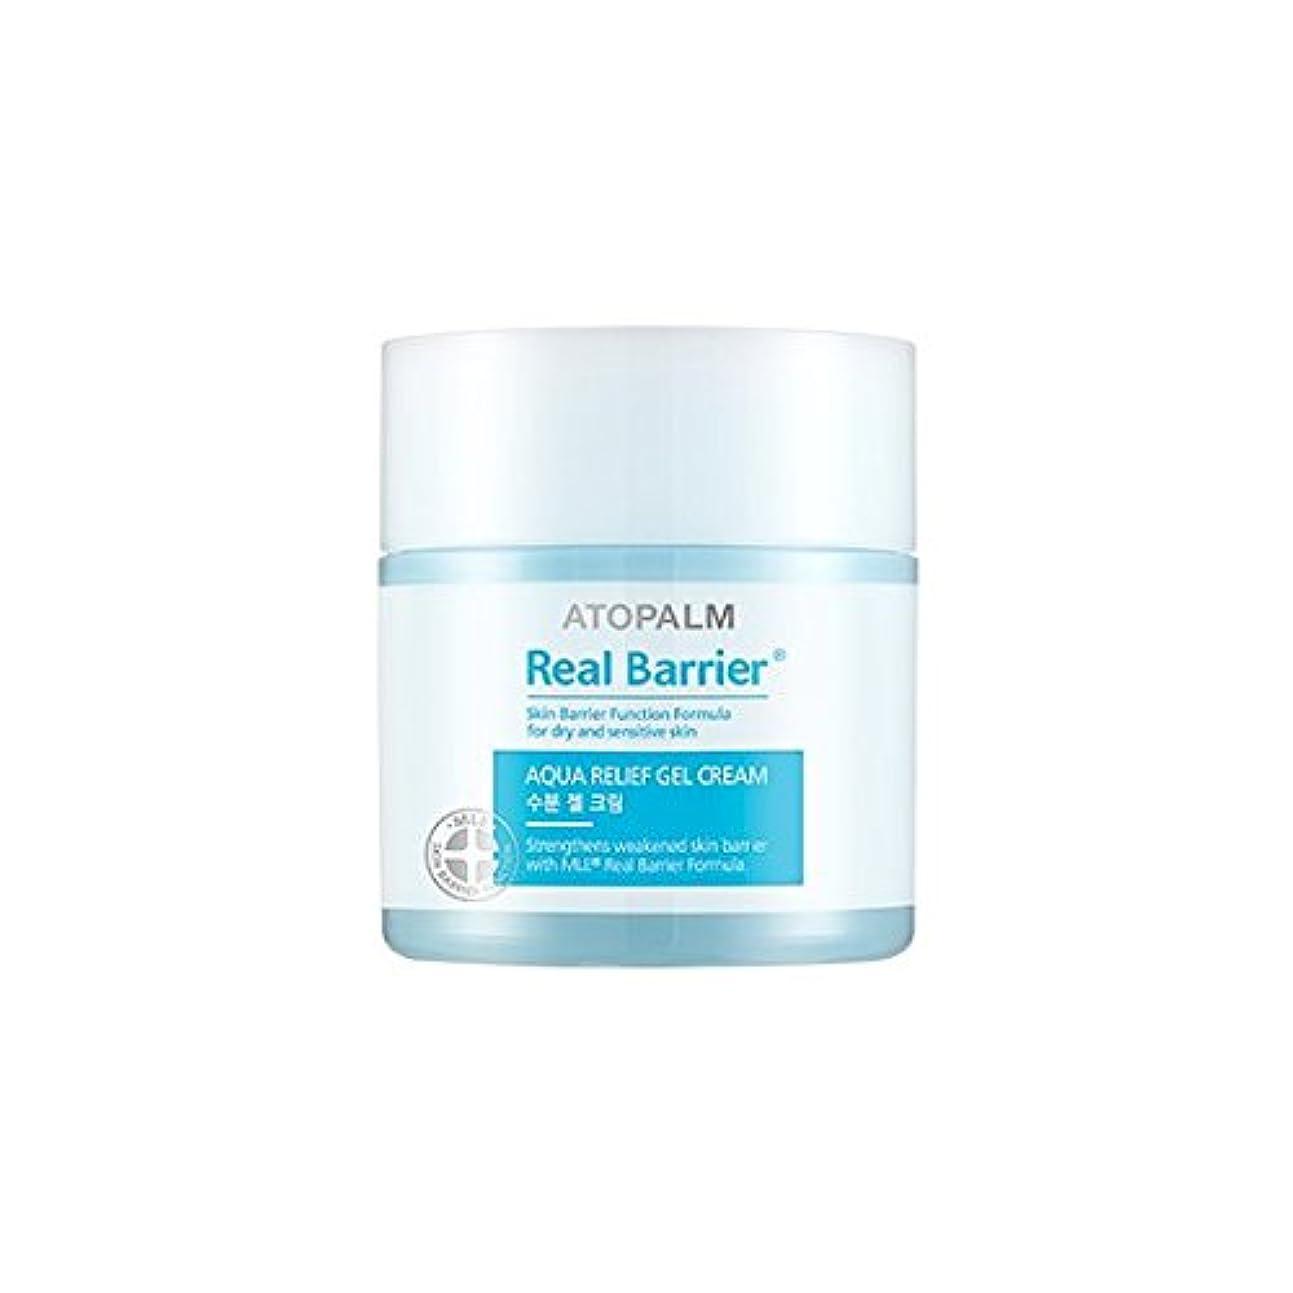 増幅期待して欲しいですATOPALM Real Barrier Aqua Relief Gel Cream 50ml/アトパーム リアル バリア アクア リリーフ ジェル クリーム 50ml [並行輸入品]